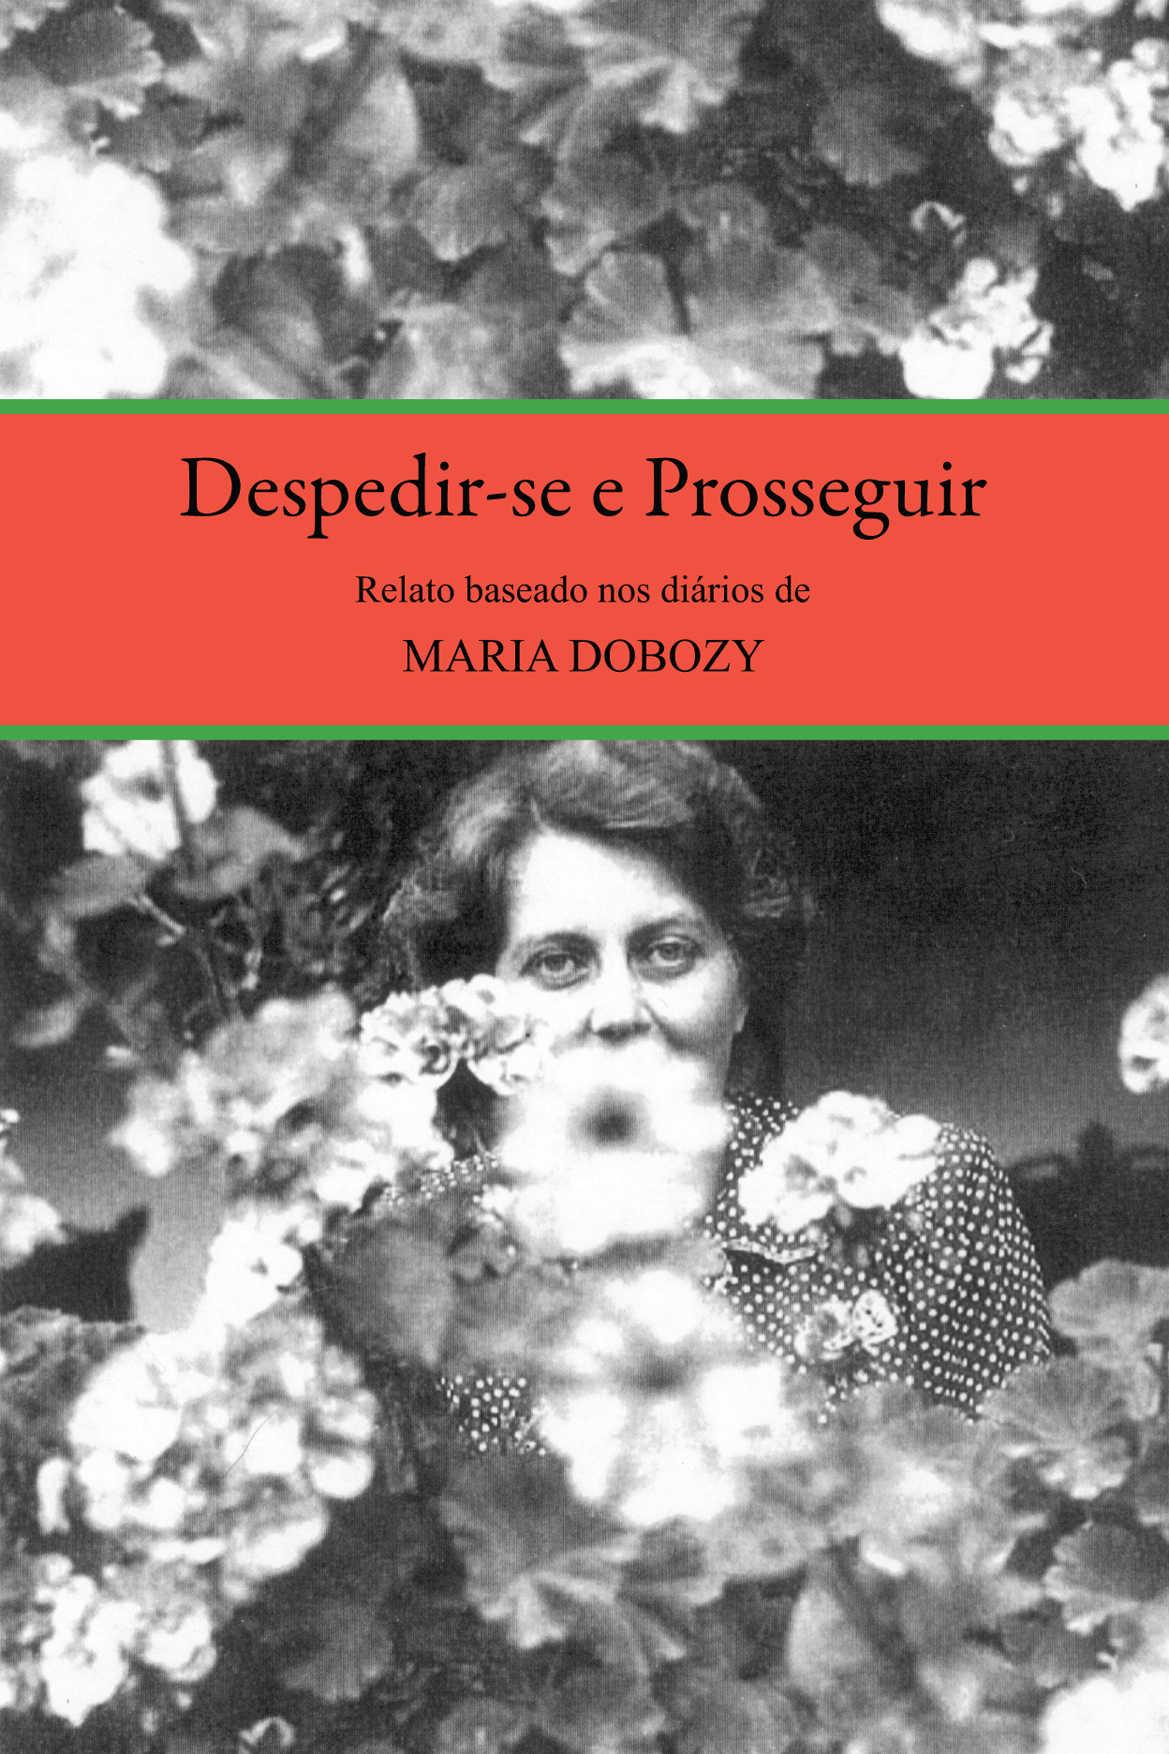 Despedir-se e Prosseguir: Relato baseado no diário de Maria Dobozy